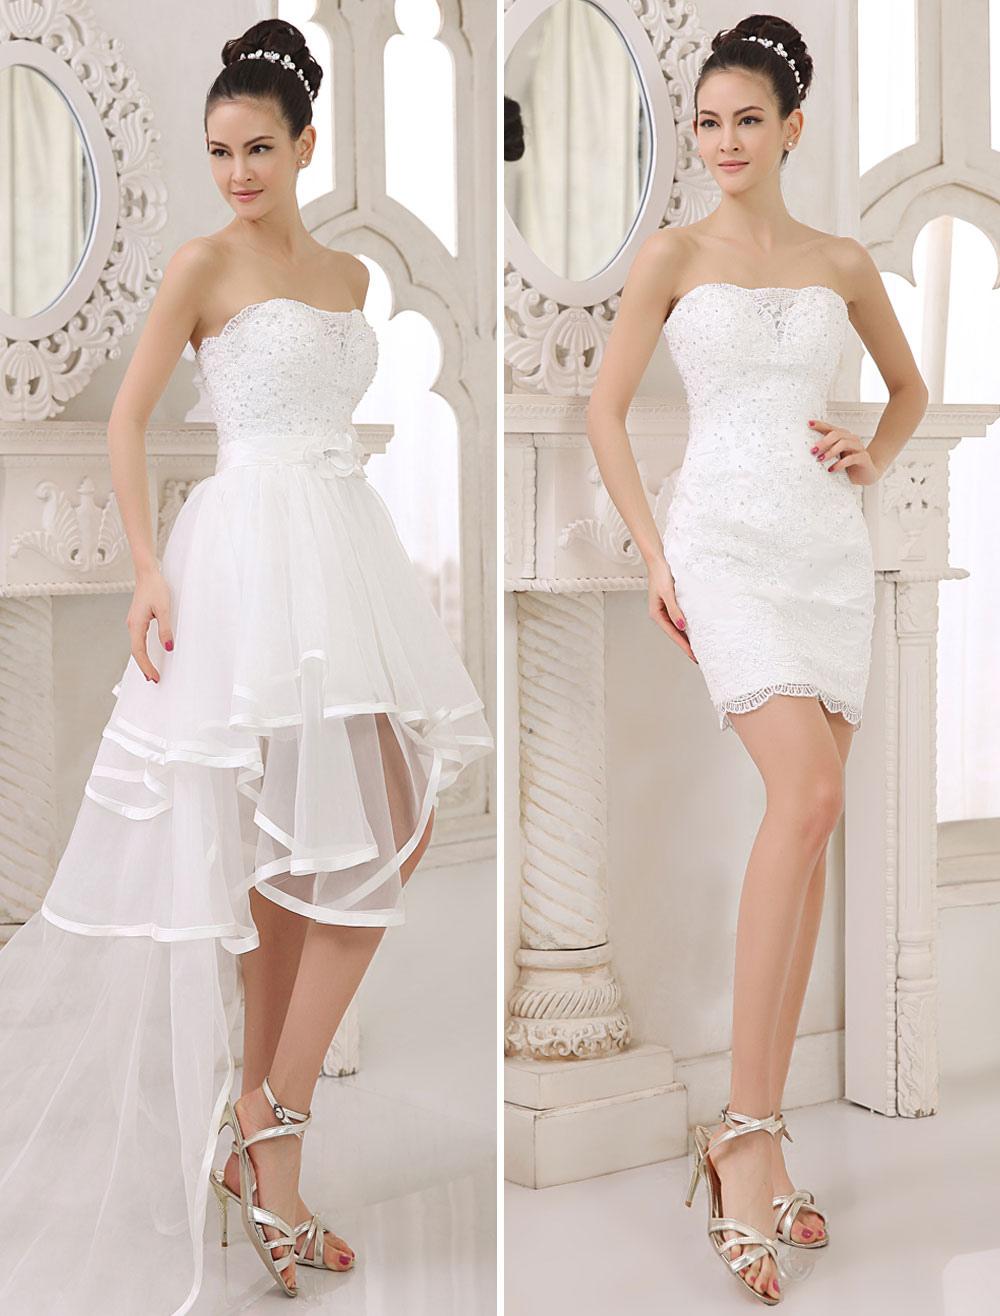 Brautkleid aus Spitze mit abnehmbarer Schleppe in Elfenbeinfarbe ...